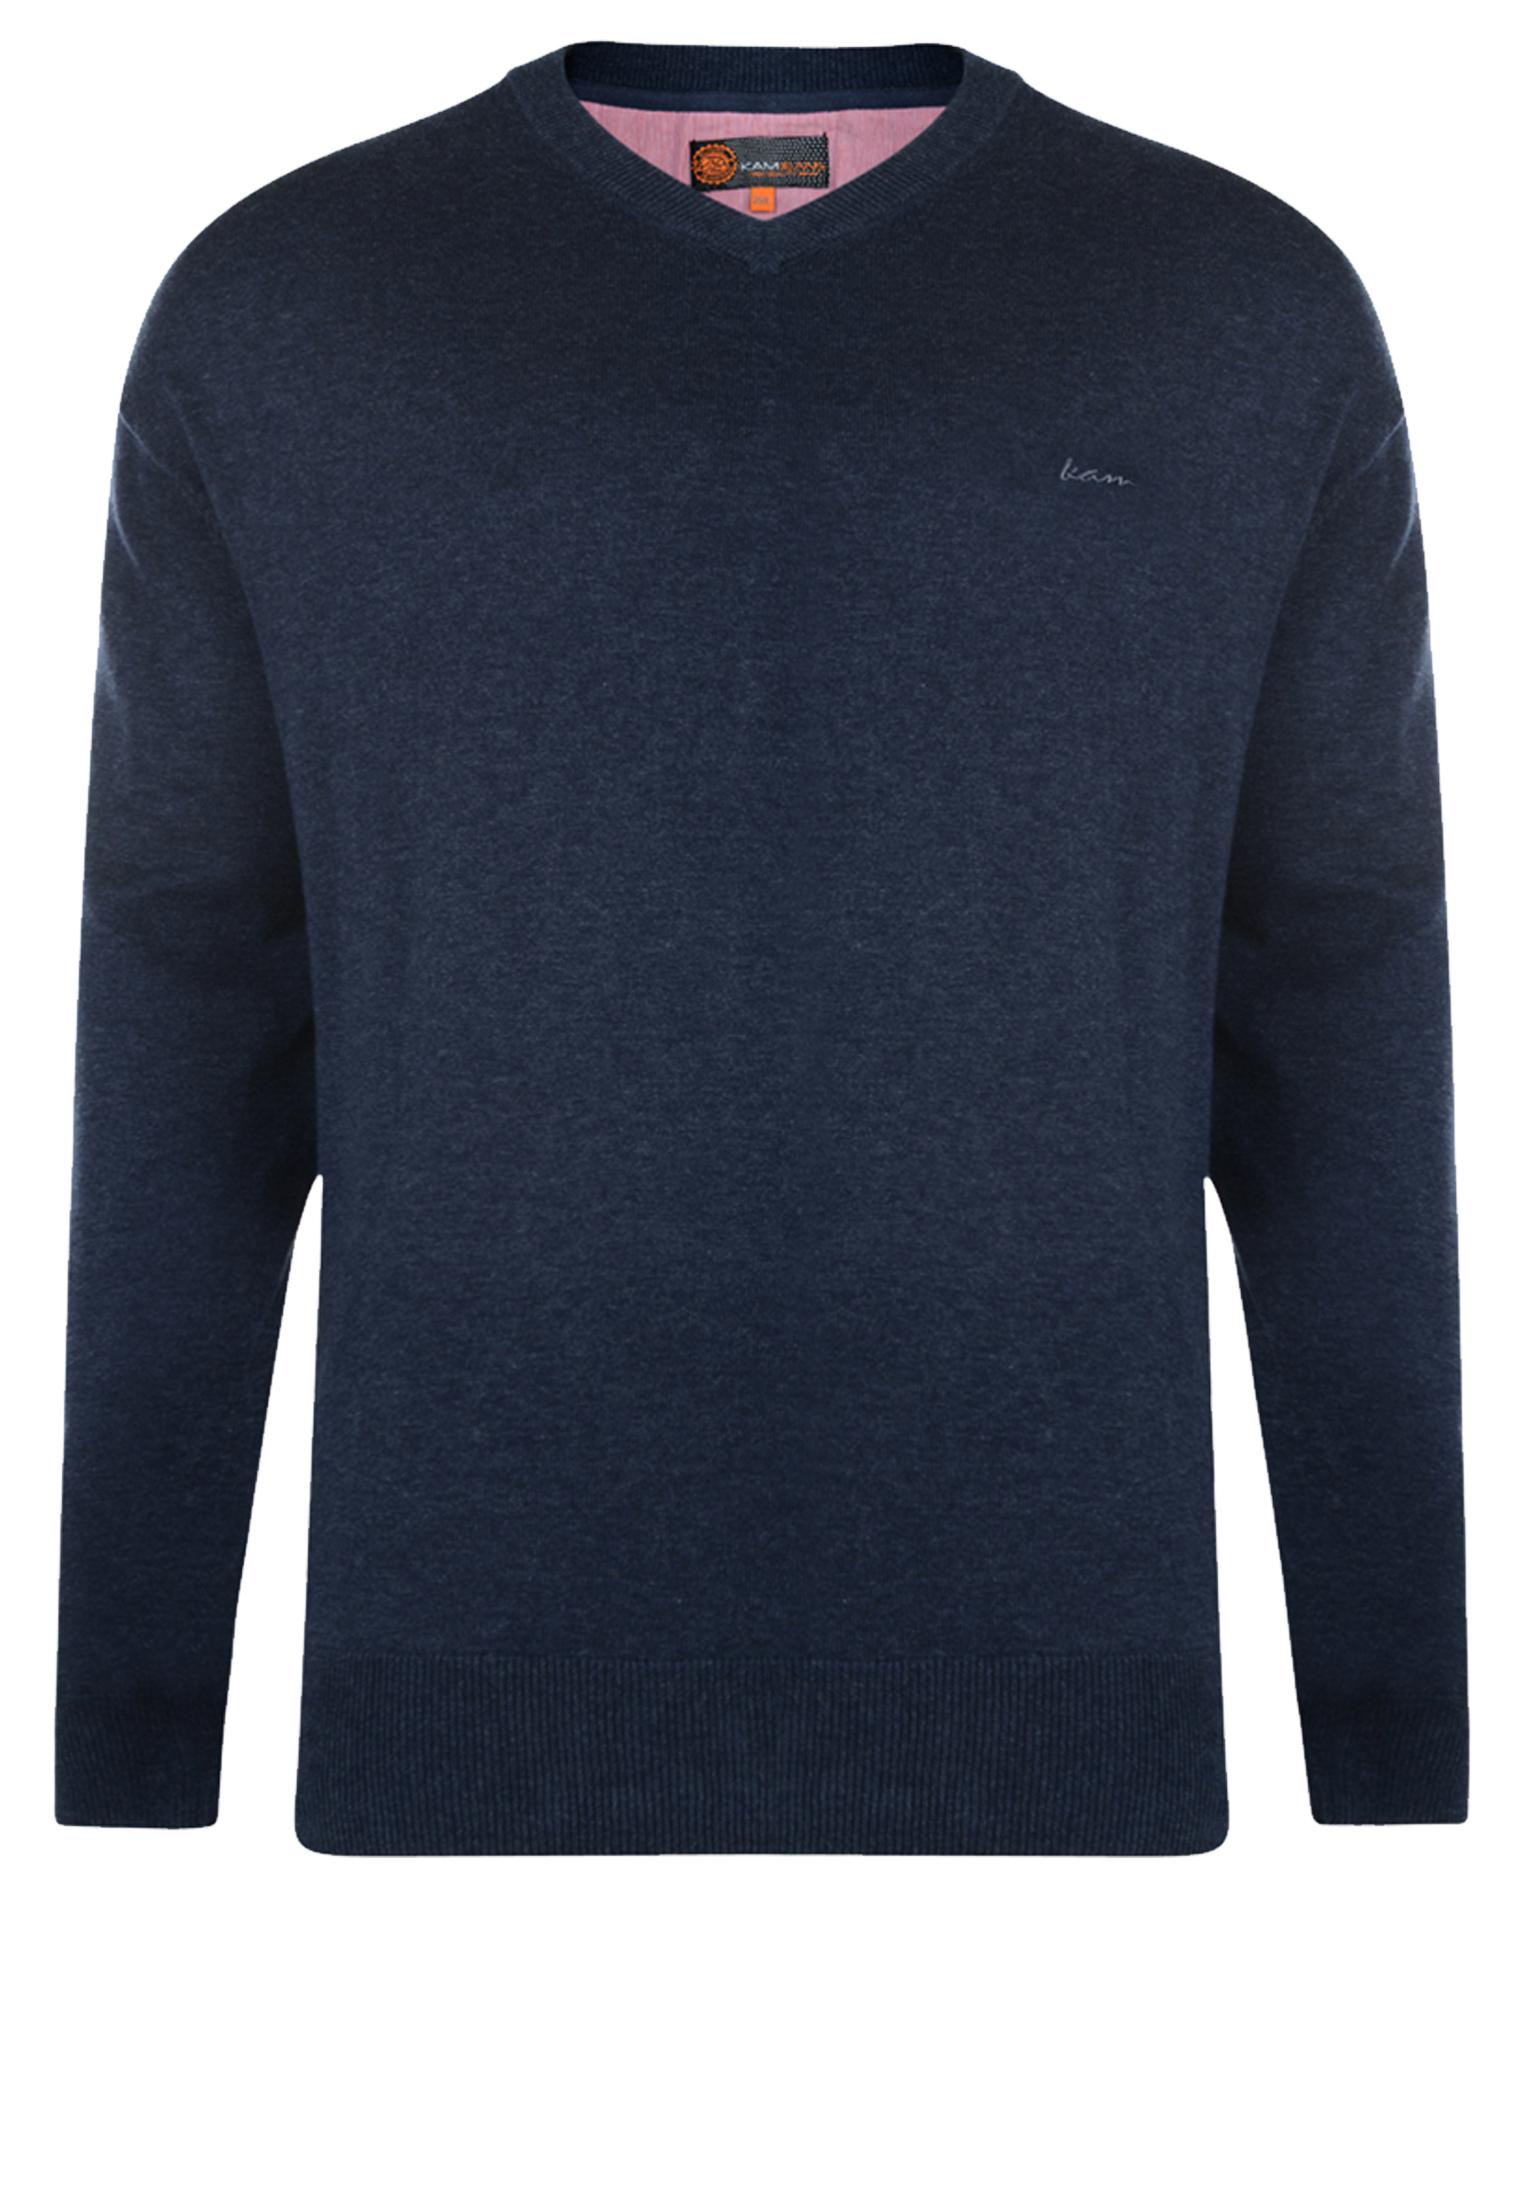 Fijn gebreide blauwe effen trui van KAM JEANSWEAR met V-hals. Deze dunne trui heeft een elastische tailleband wat zorgt voor een mooie pasvorm. Dit multifunctionele artikel kan casual op een spijkerbroek gedragen worden of zakelijk over een overhemd op een pantalon. Een heerlijke comfortabele trui om te dragen.